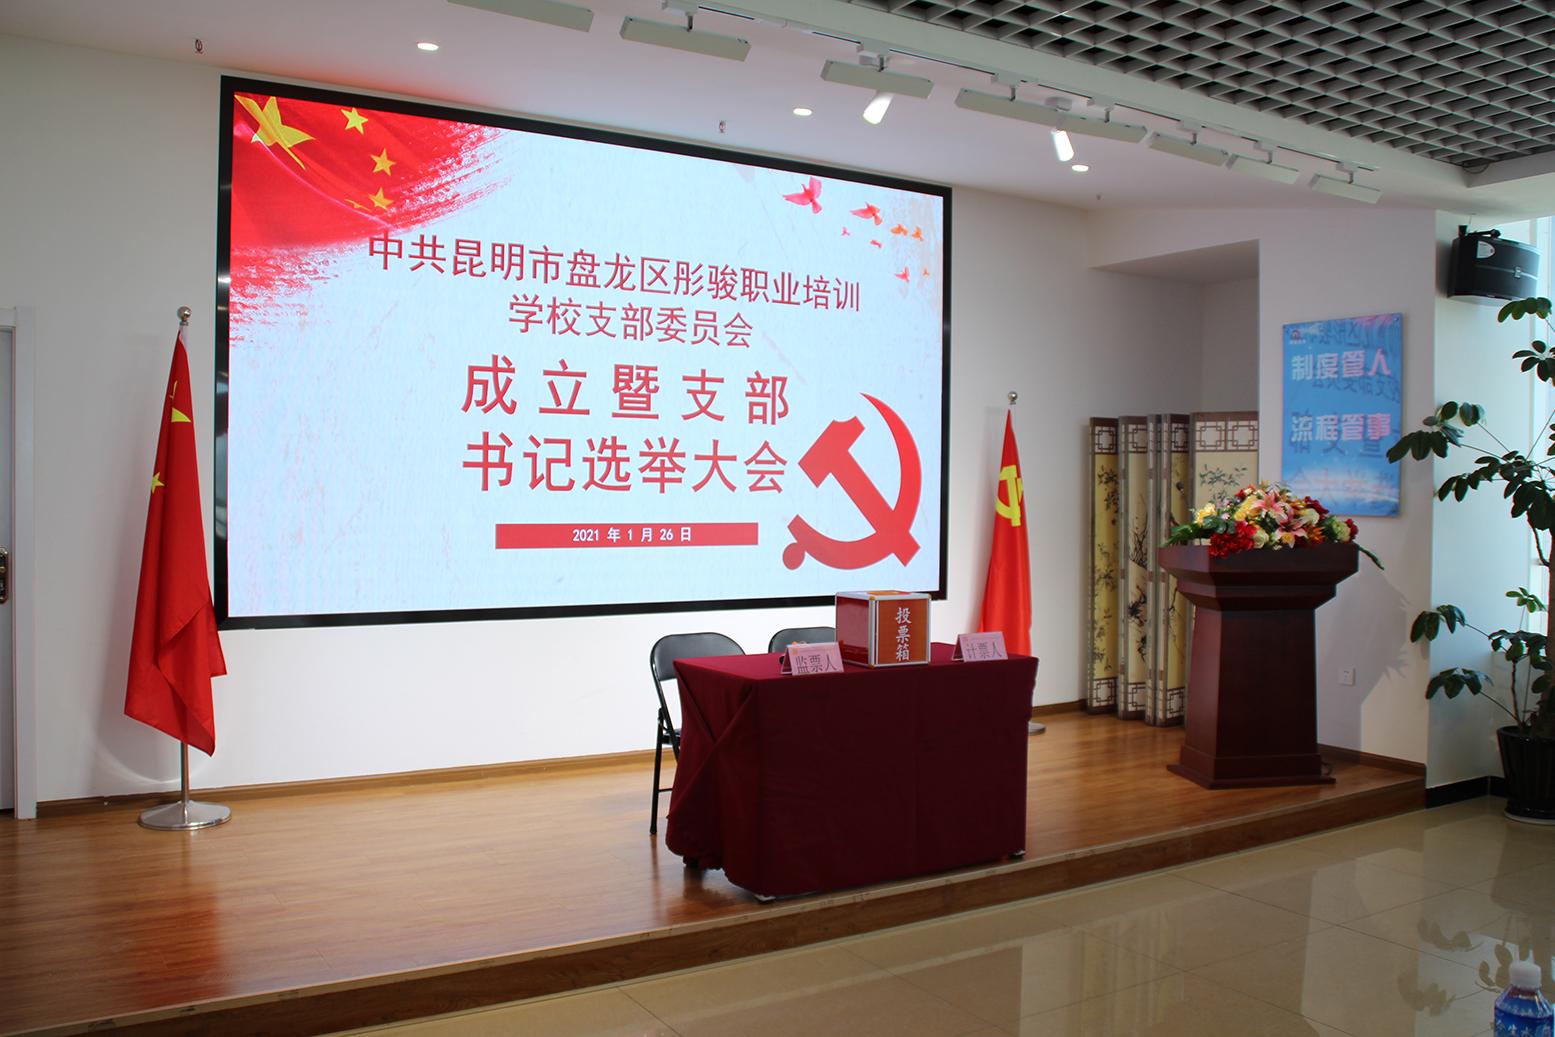 热烈祝贺中共昆明市盘龙区彤骏职业培训学校支部委员会成立